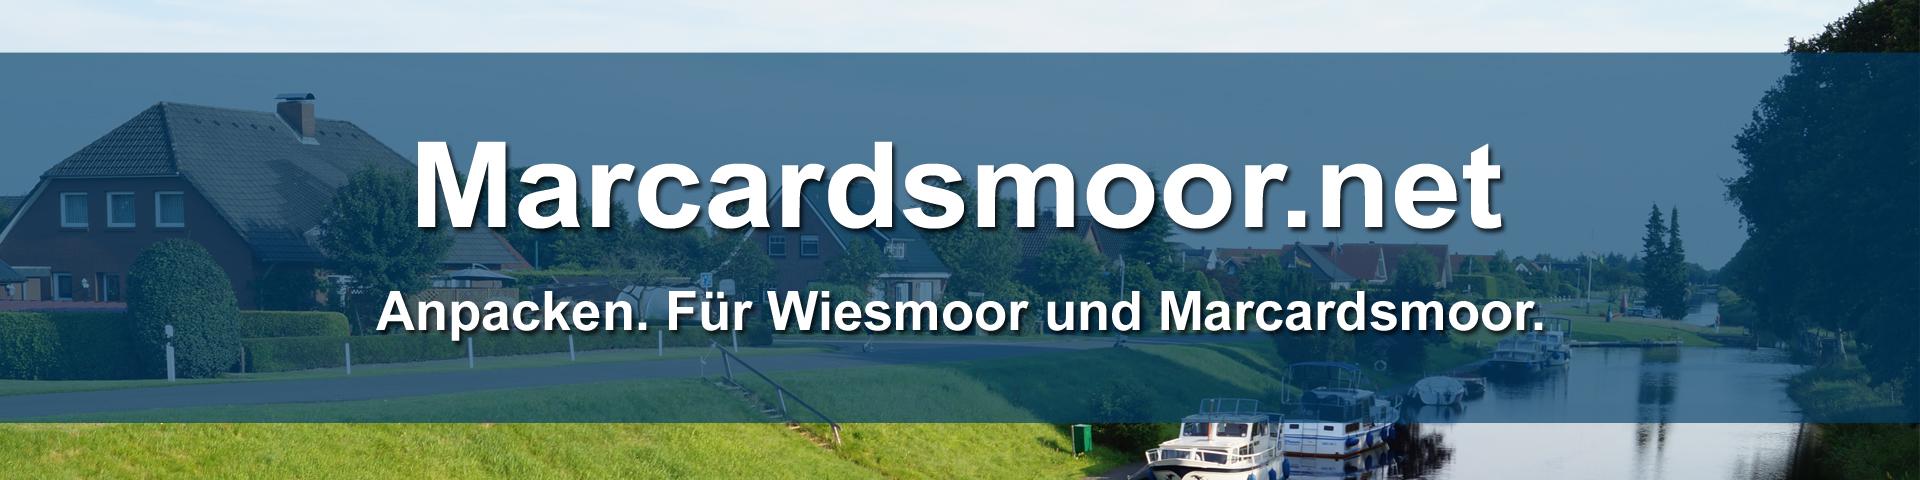 Marcardsmoor.net